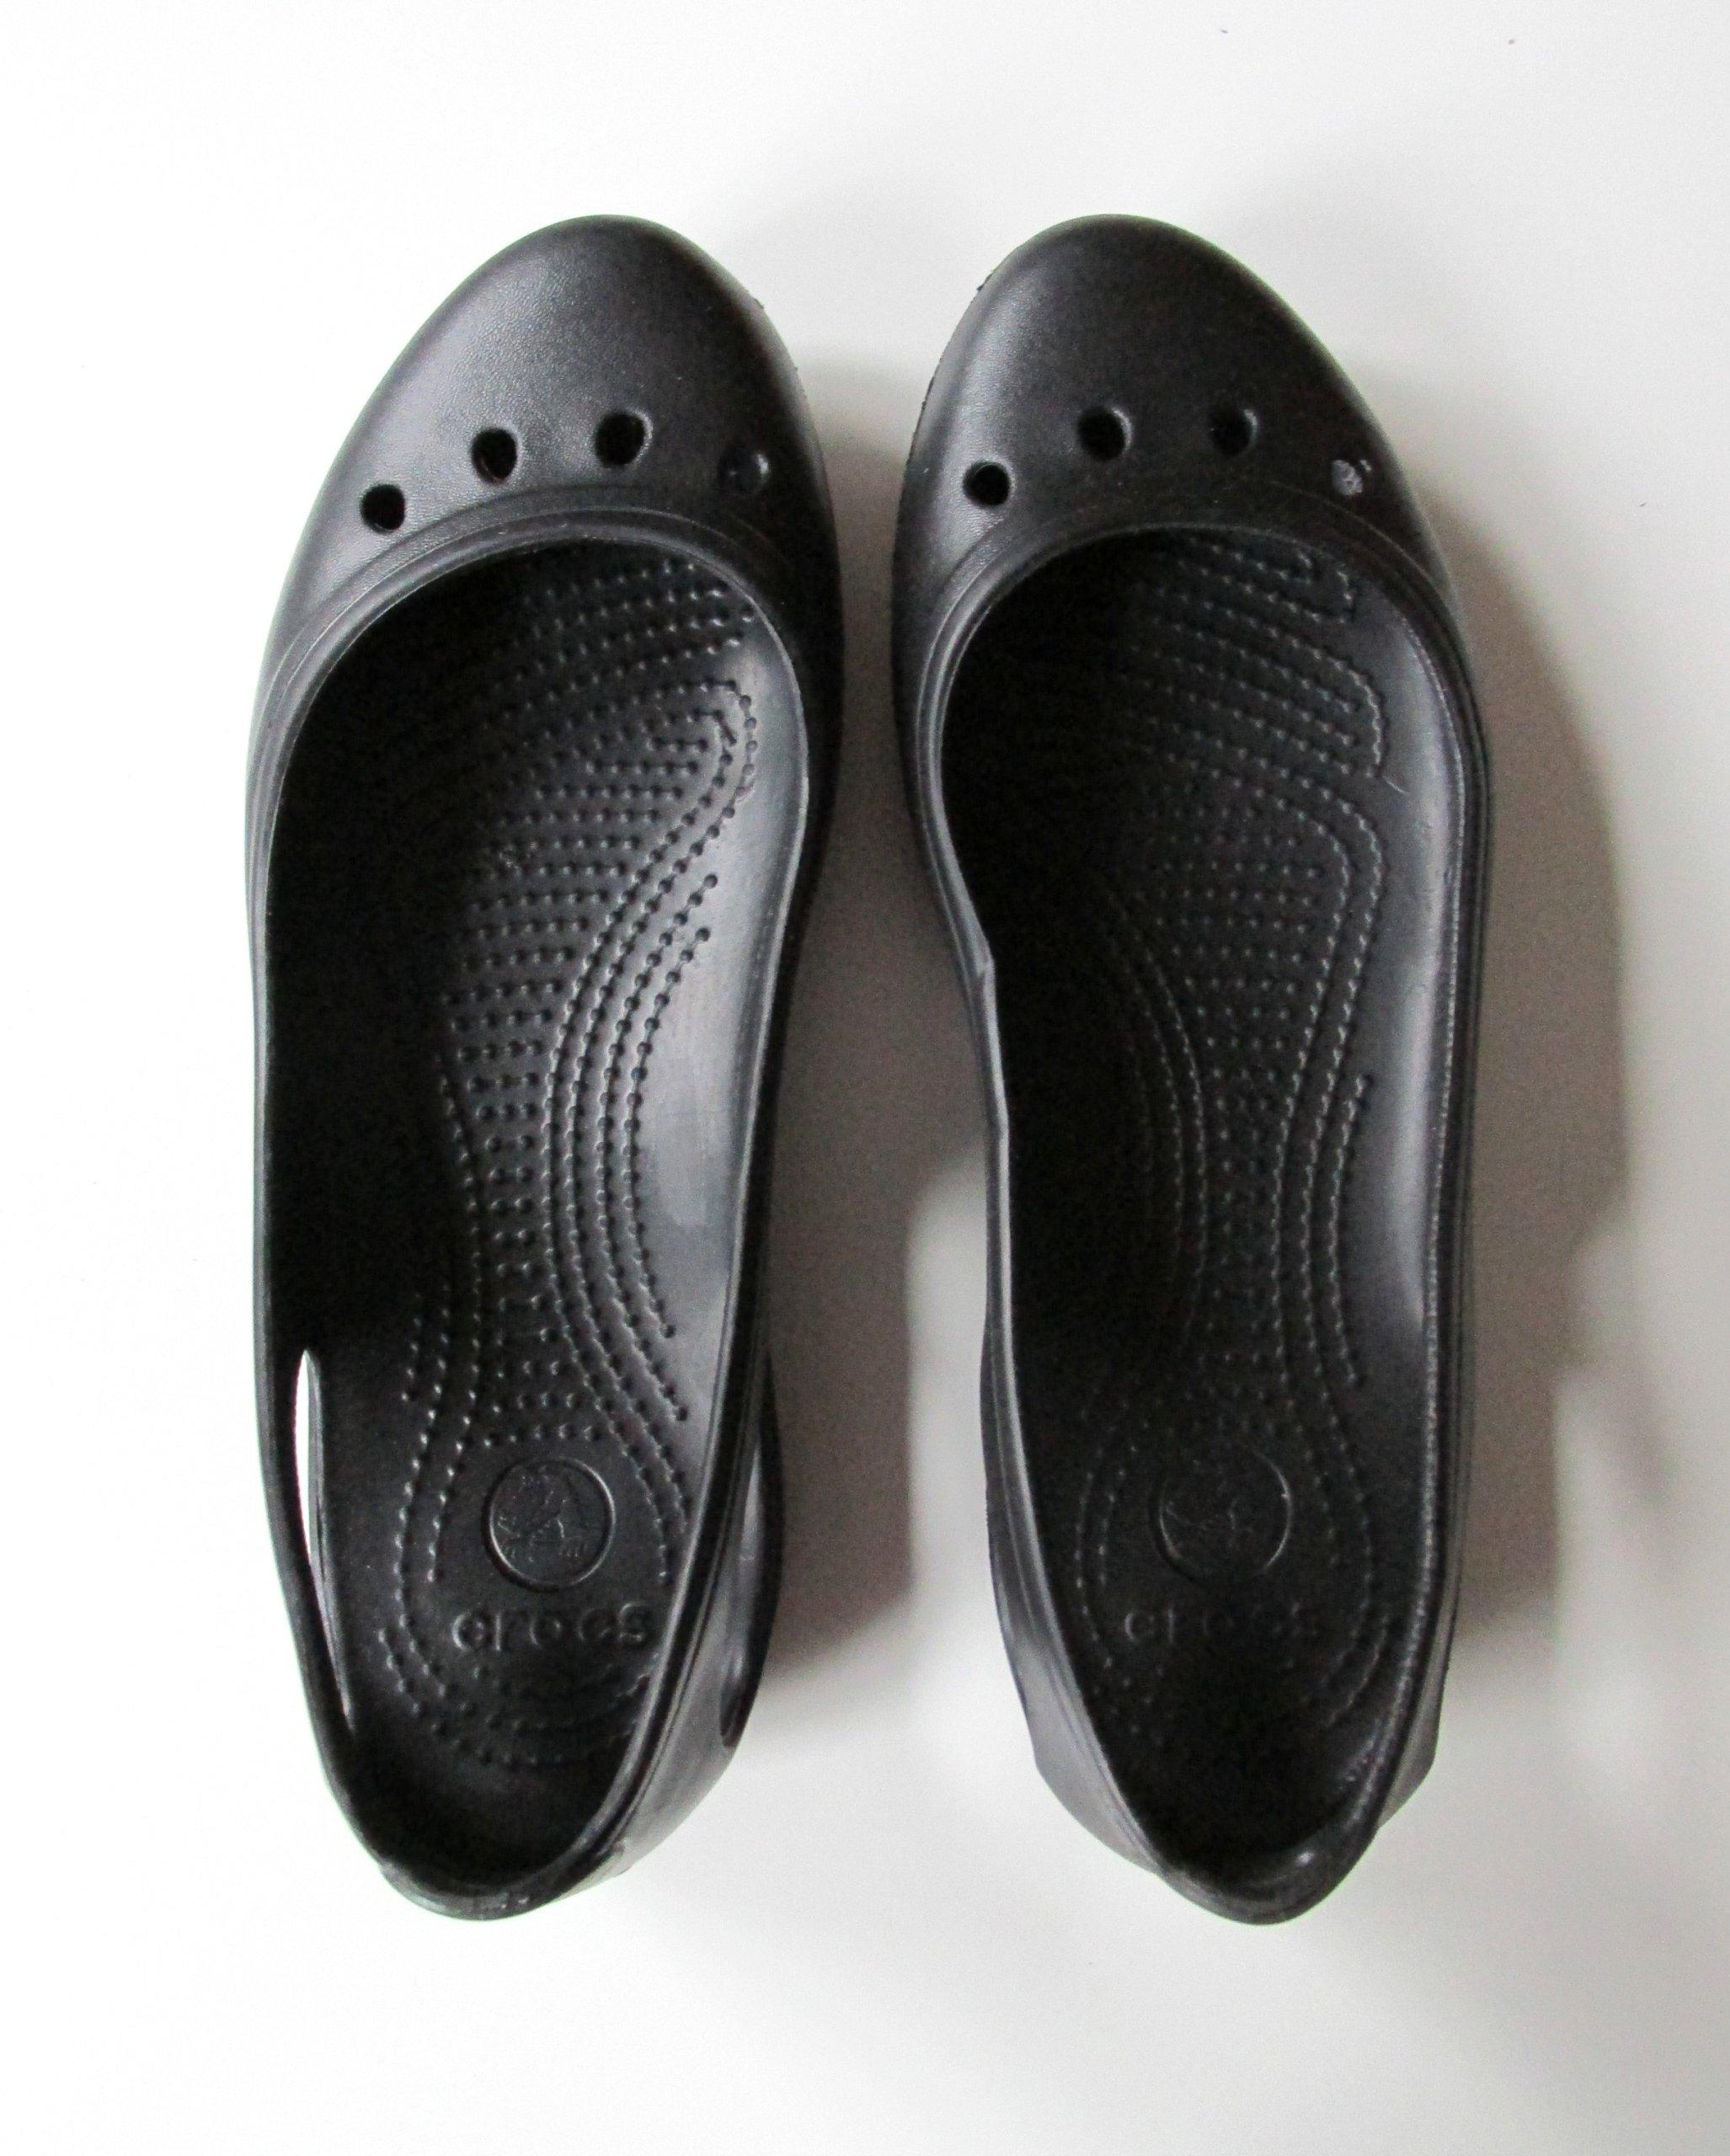 najlepiej sprzedający się kupować tanio sprzedaż obuwia Crocs kadee flat baleriny damskie 39/40